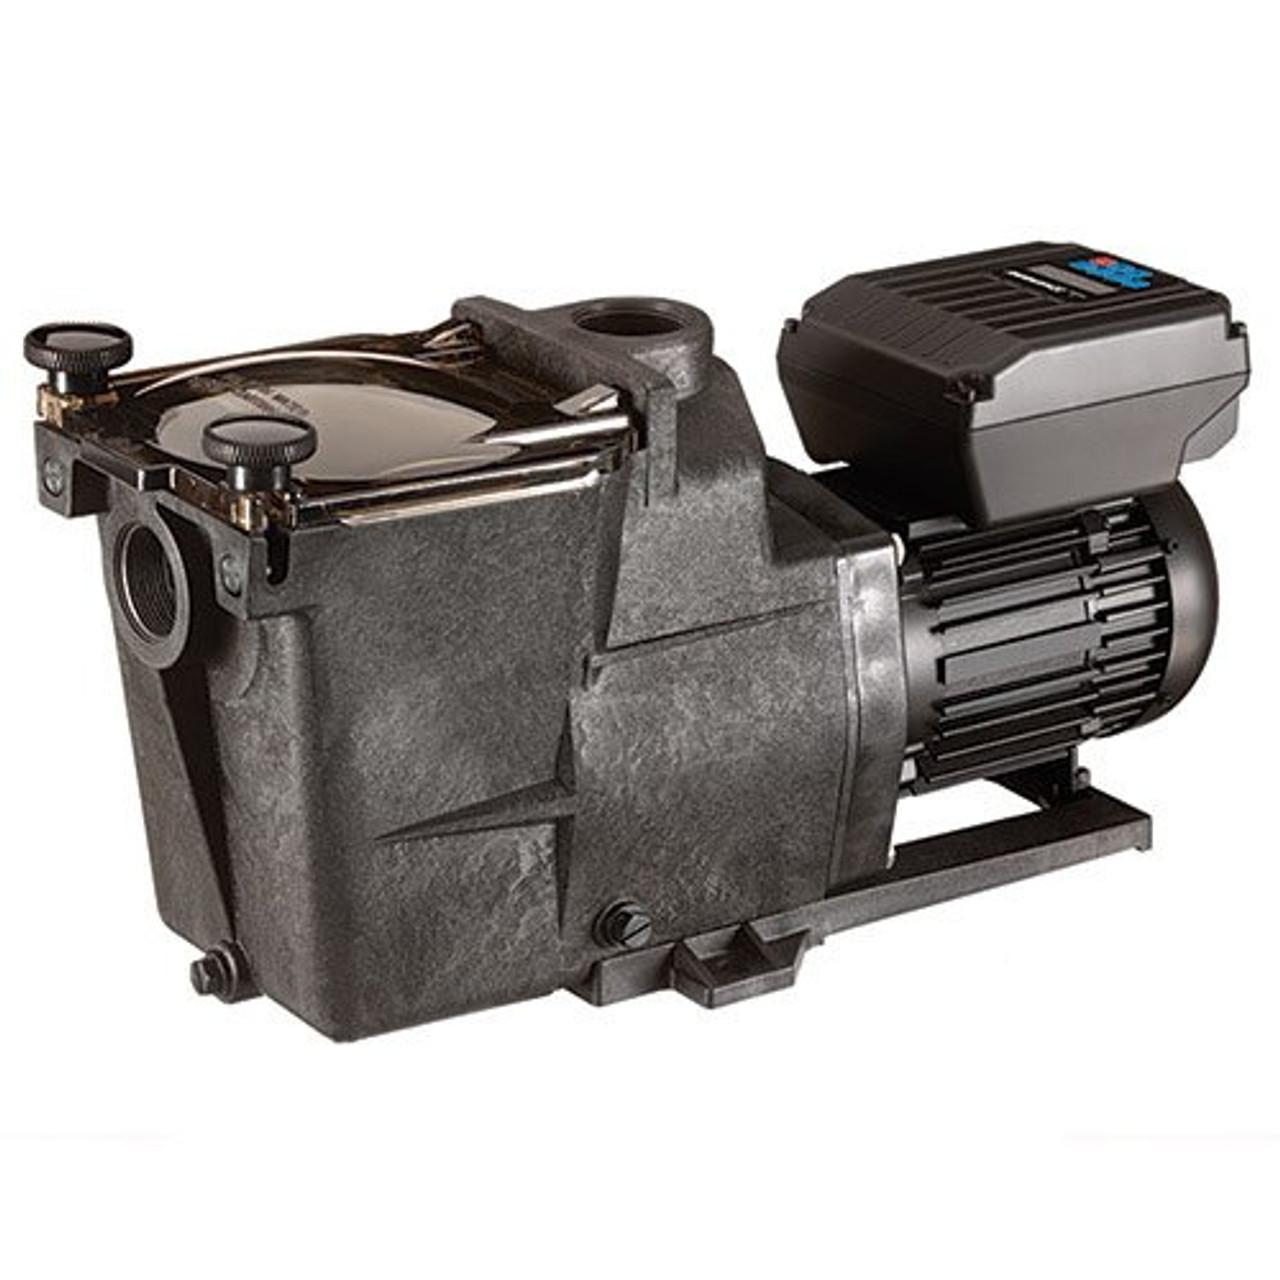 Hayward Super Pump VS Variable Speed Pool and Spa Pump, 230V